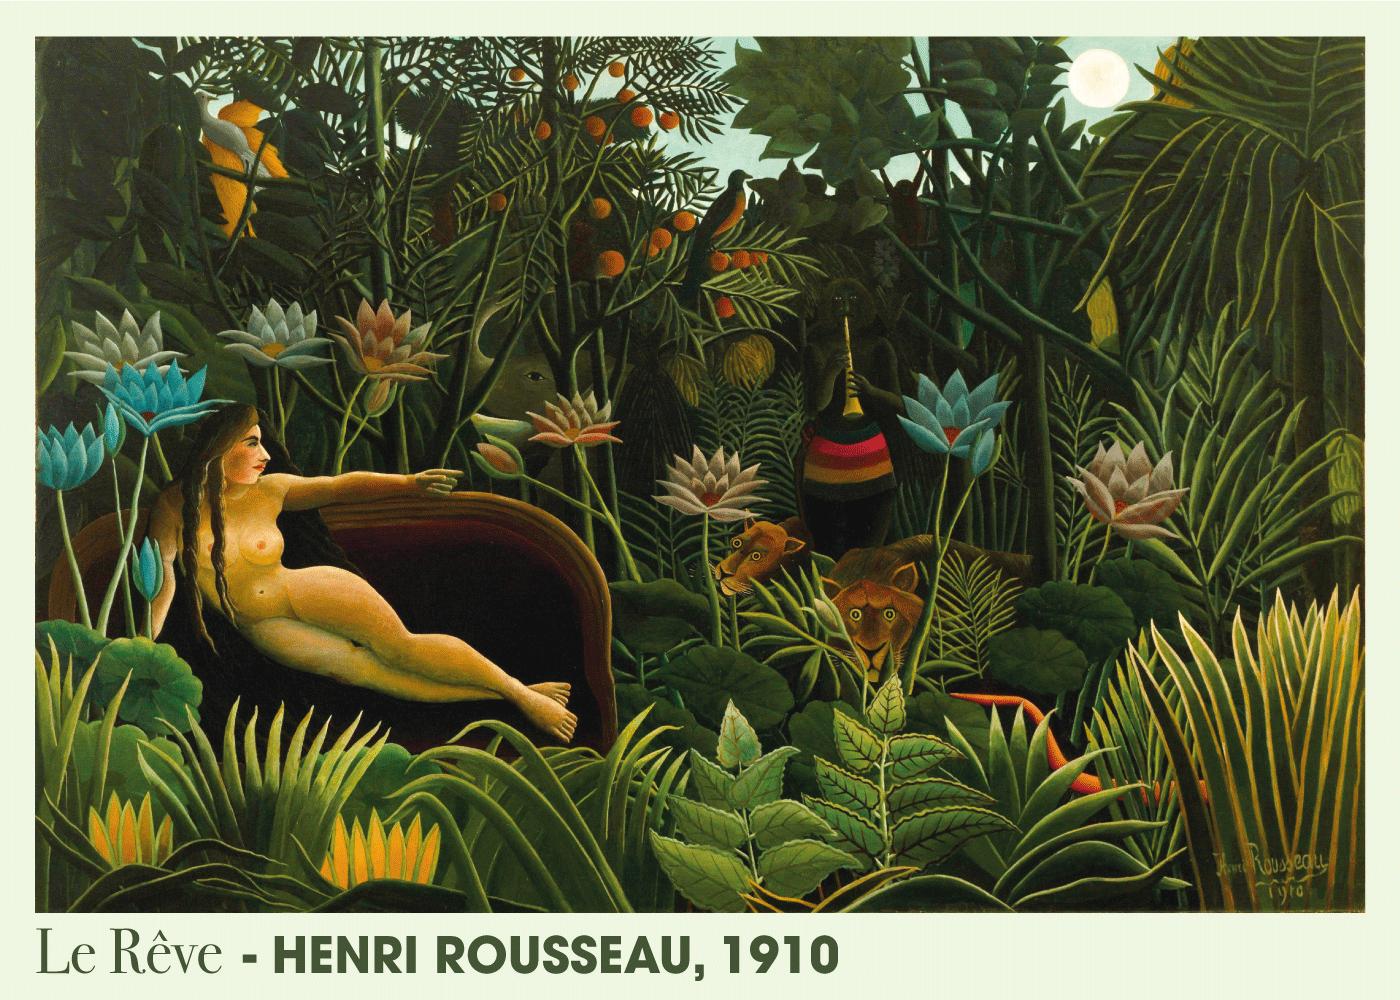 Billede af Le Rêve - Henri Rousseau kunstplakat